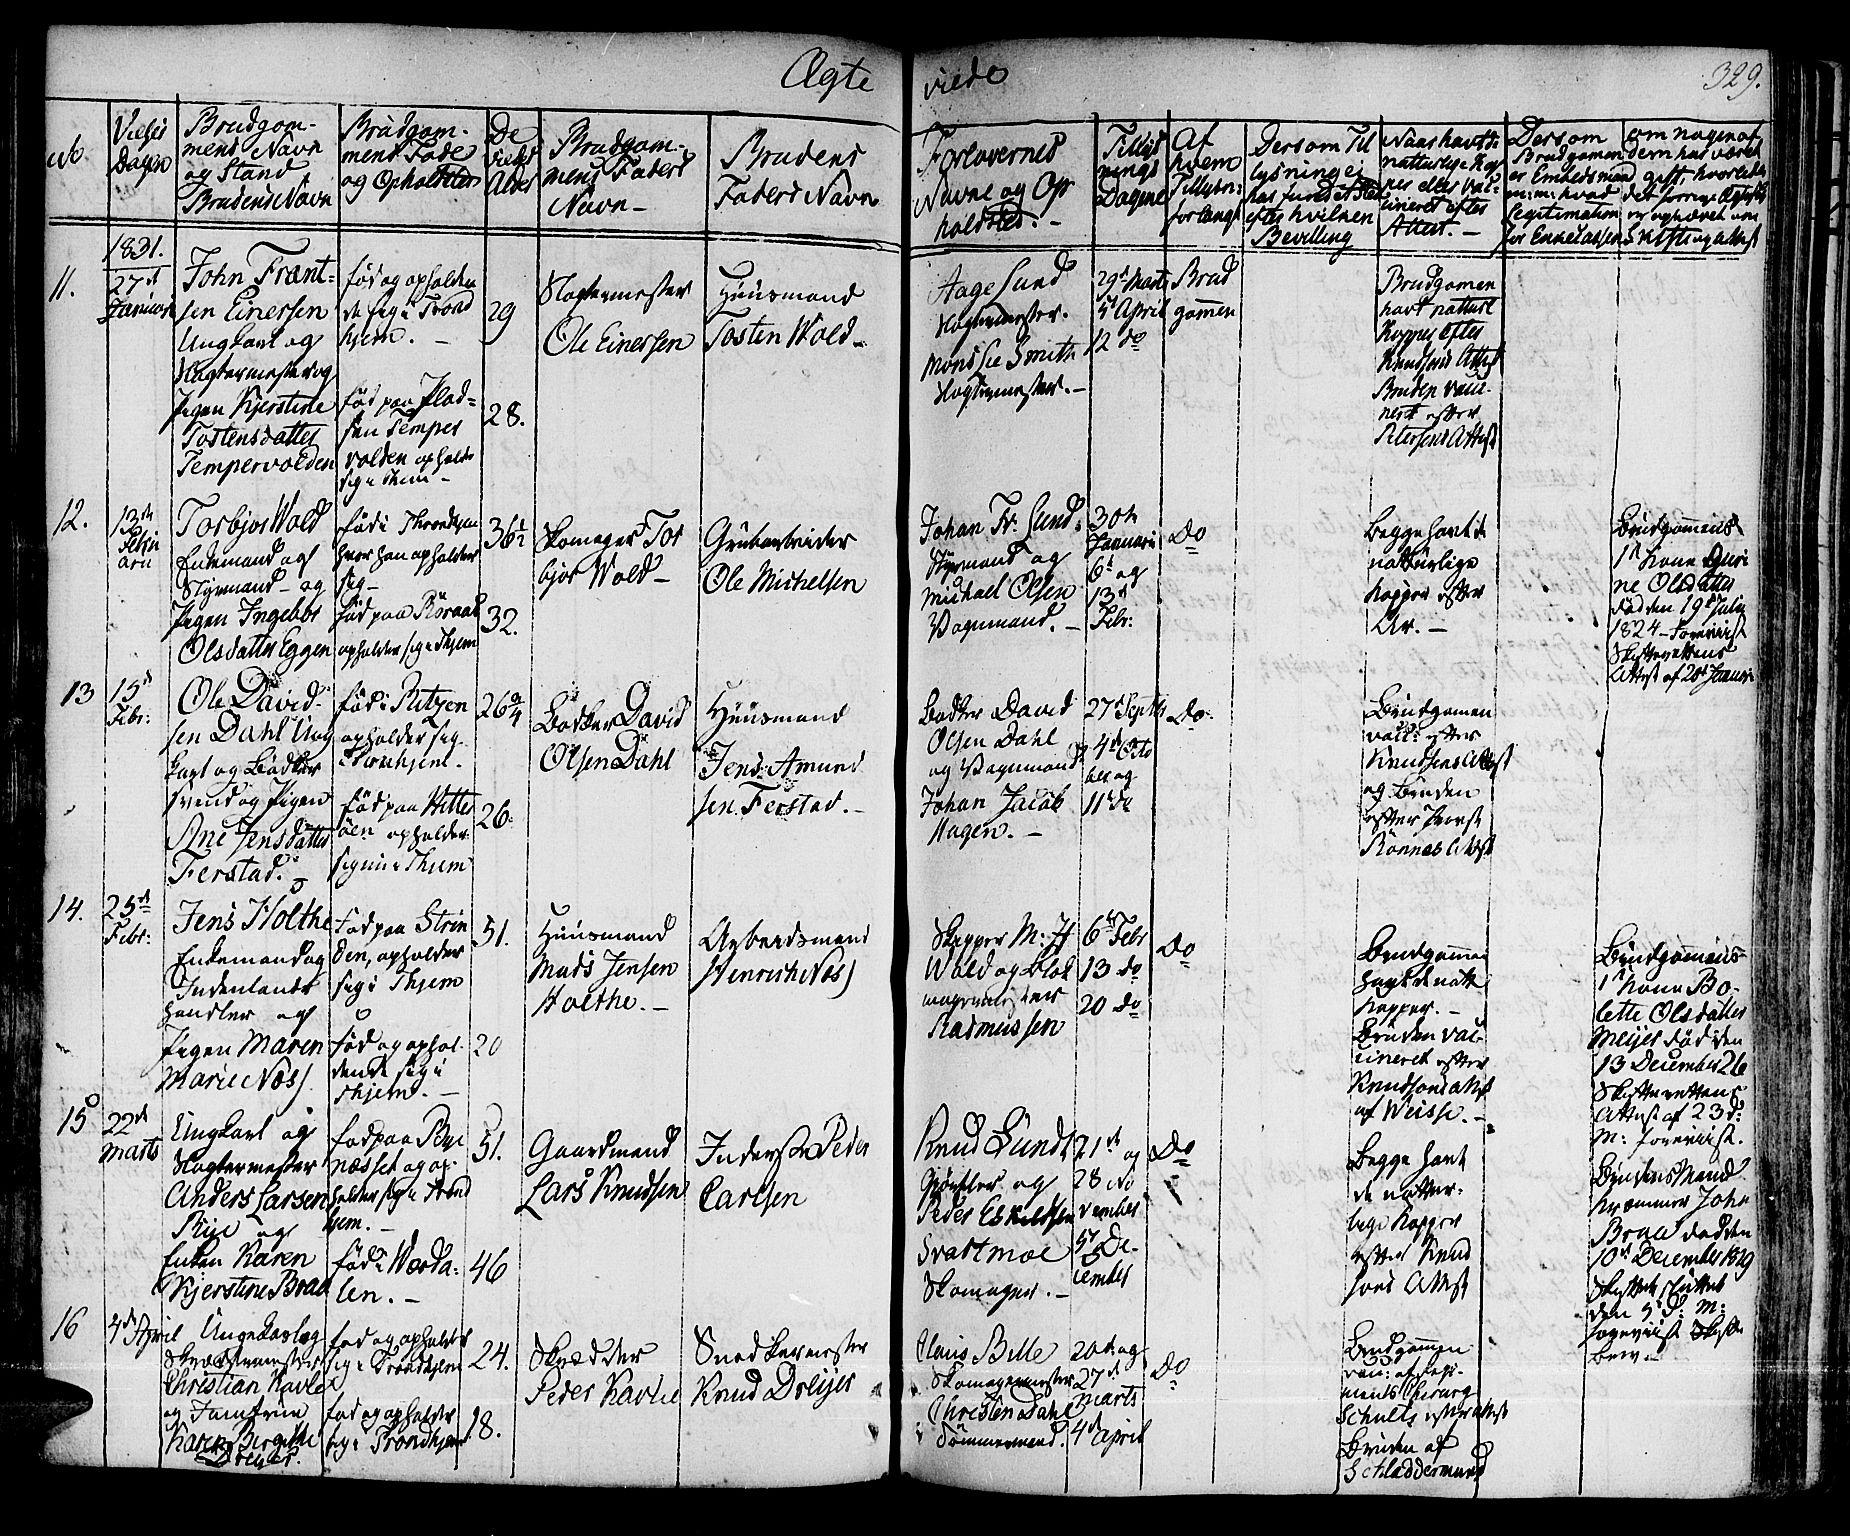 SAT, Ministerialprotokoller, klokkerbøker og fødselsregistre - Sør-Trøndelag, 601/L0045: Ministerialbok nr. 601A13, 1821-1831, s. 329